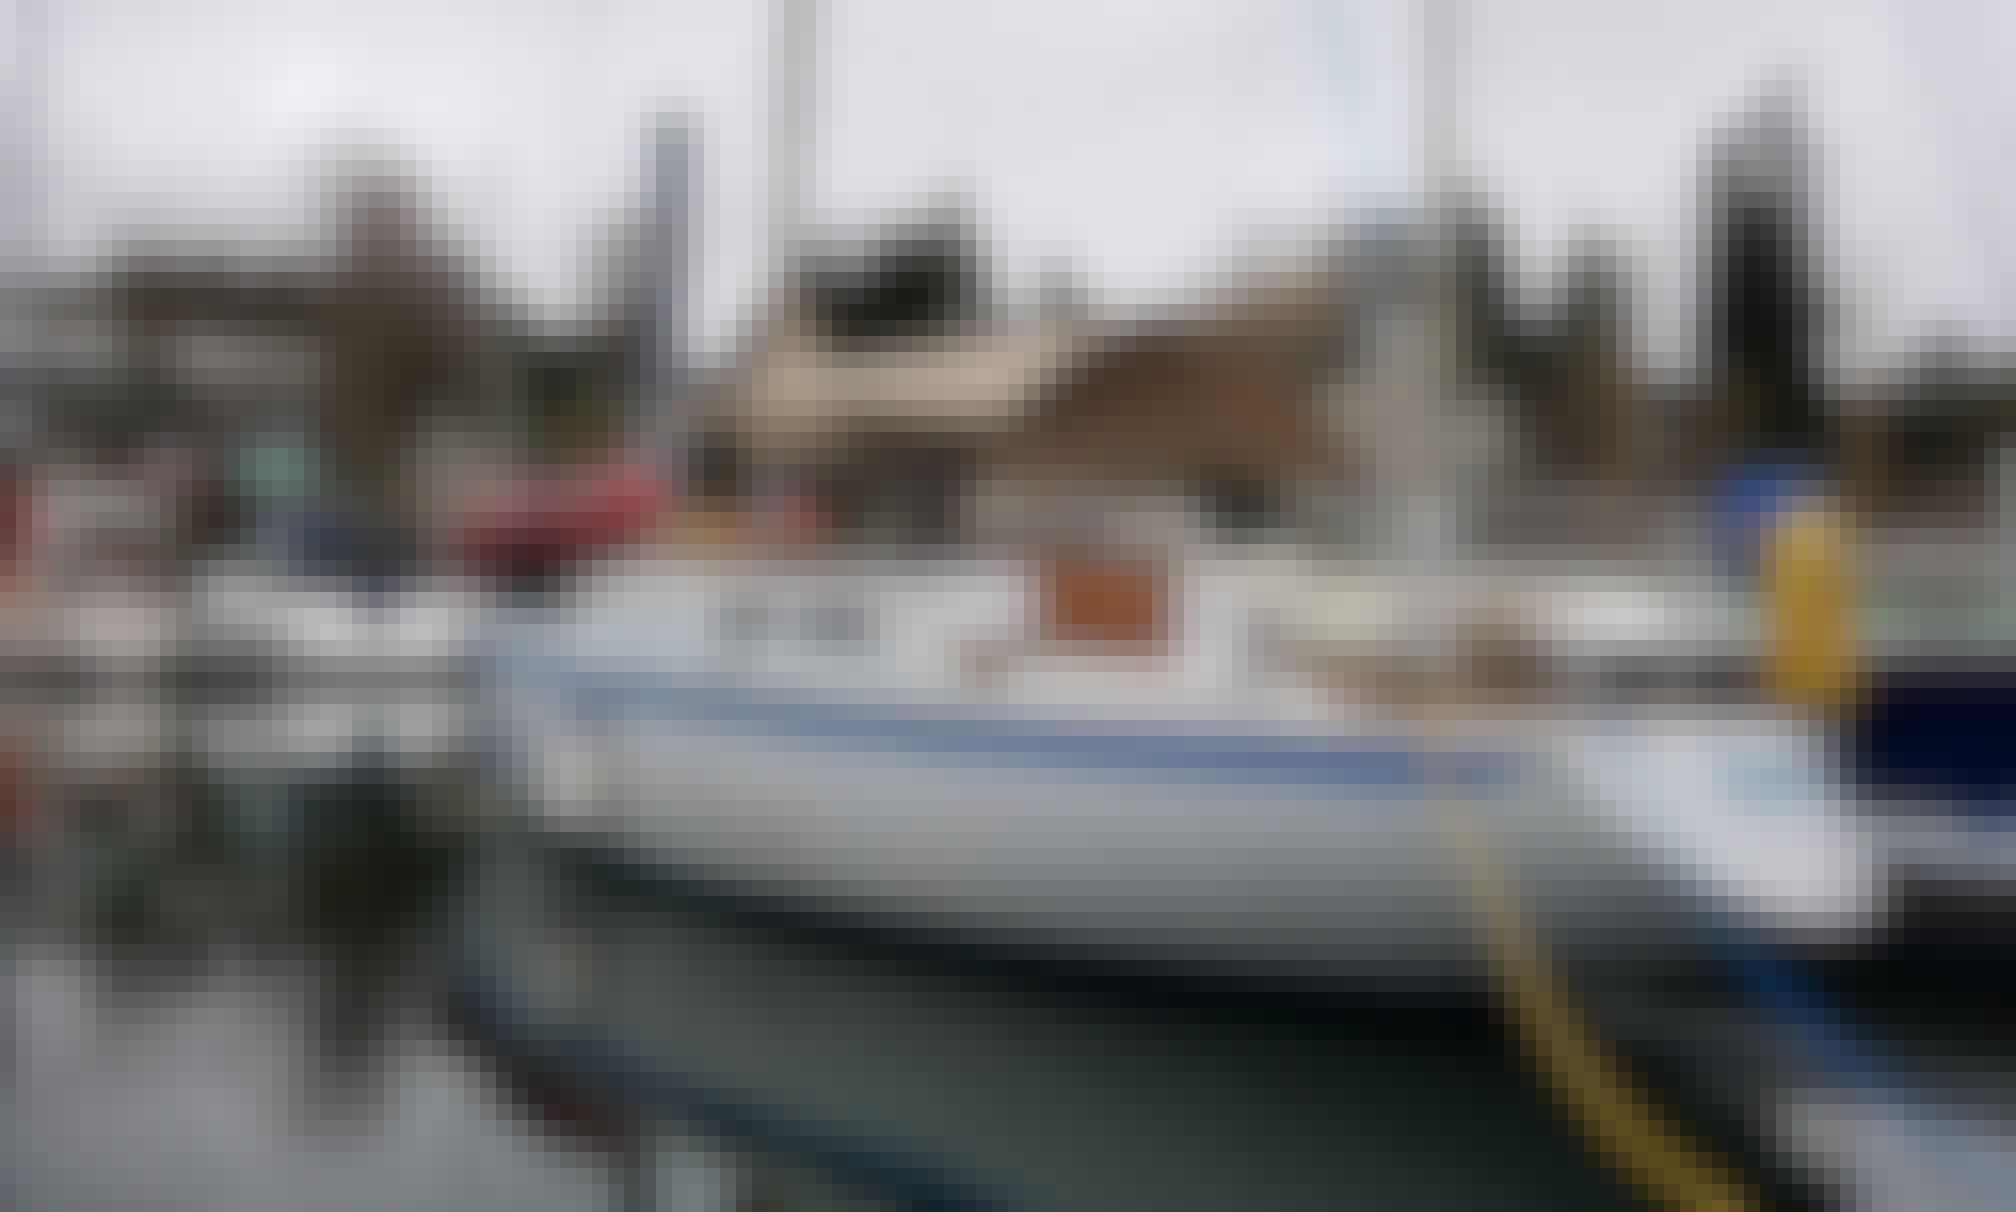 Sloop sailboat rental for sleep aboard in Everett, Washington